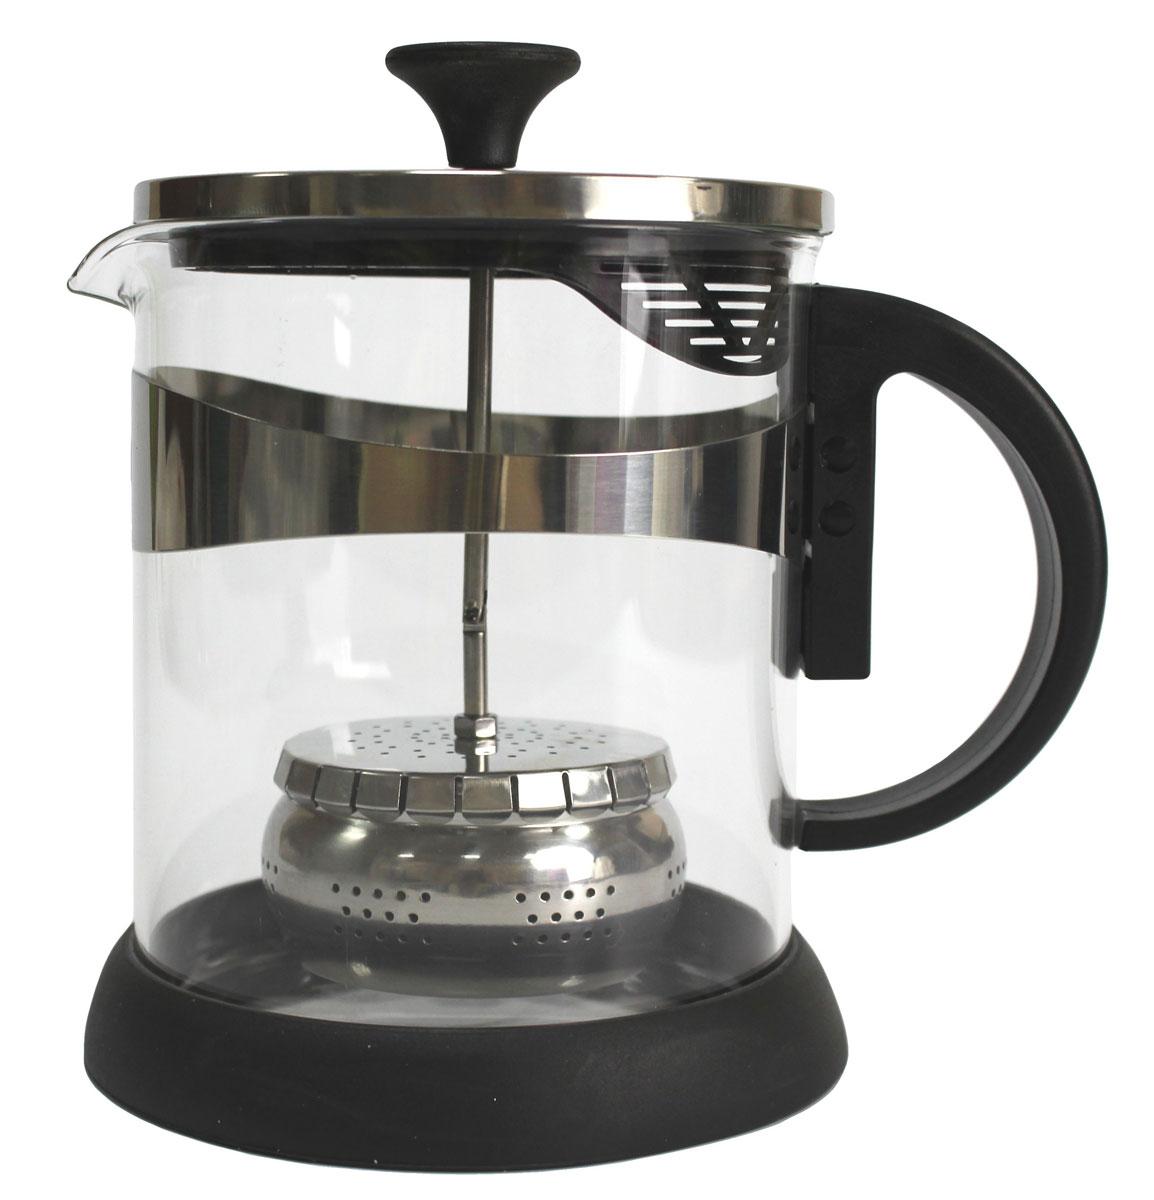 Чайник заварочный Vetta, 1,2 л850131Заварочный чайник Vetta, изготовленный из термостойкого стекла и полипропилена, предоставит вам все необходимые возможности для успешного заваривания чая. Чай в таком чайнике дольше остается горячим, а полезные и ароматические вещества полностью сохраняются в напитке. Чайник оснащен фильтром, который выполнен из нержавеющей стали.Простой и удобный чайник поможет вам приготовить крепкий, ароматный чай.